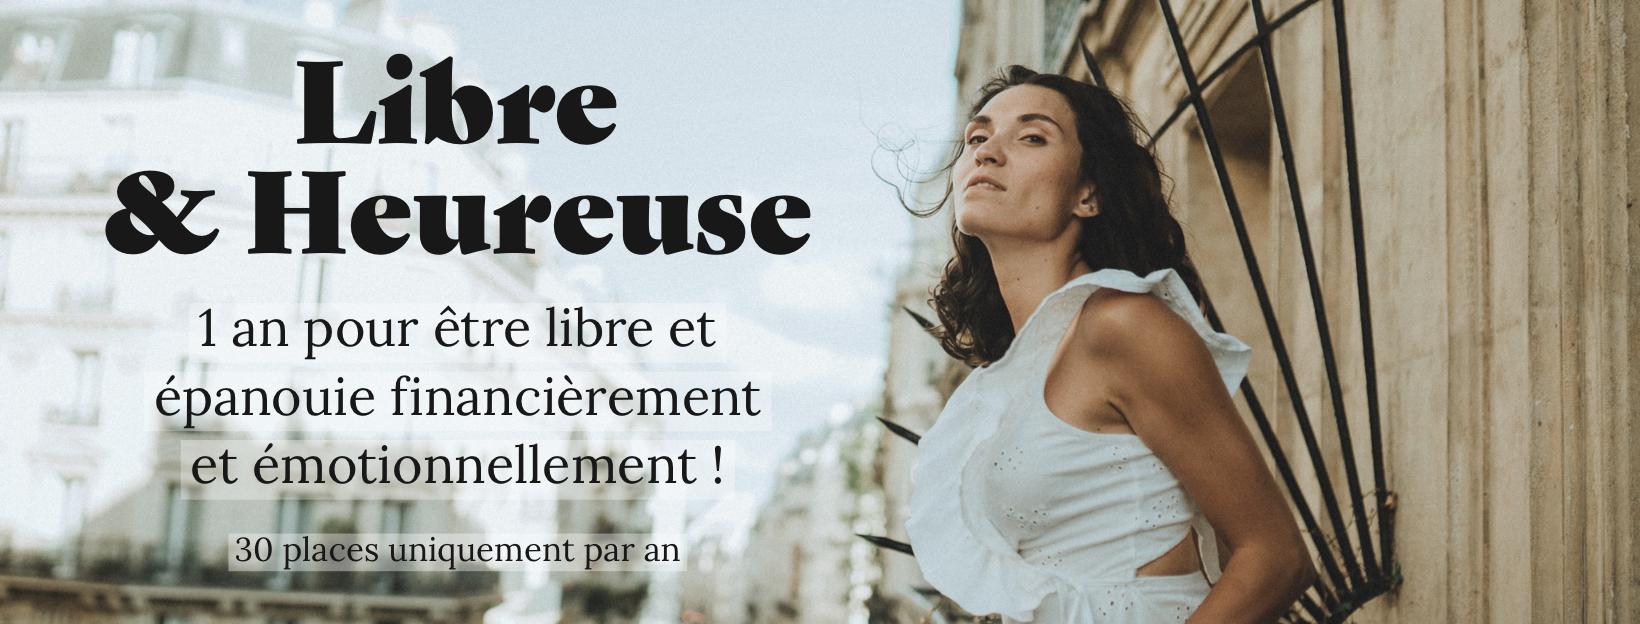 """Présentation programme """"Libre & Heureuse"""""""